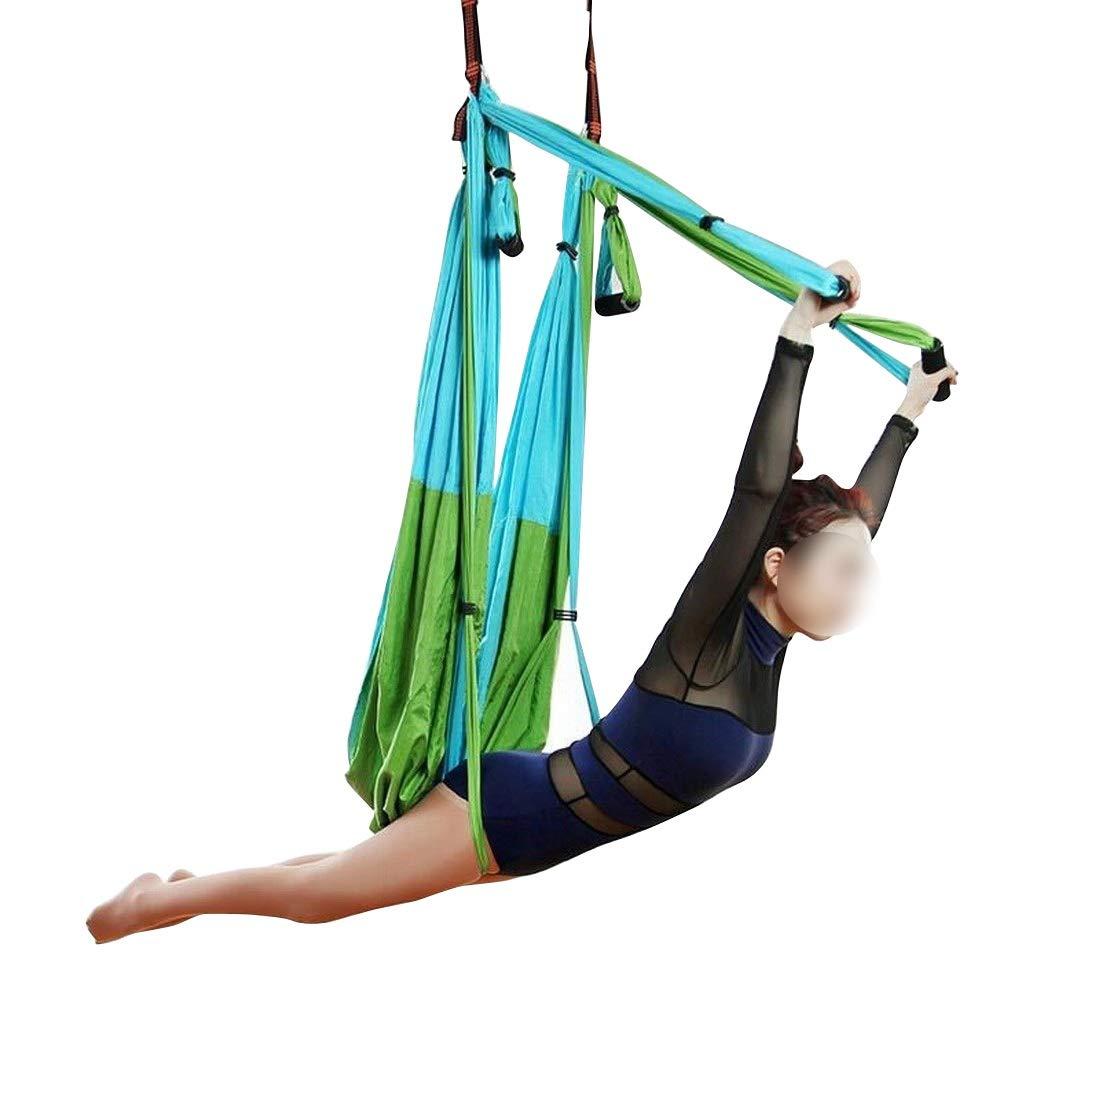 SHIZHESHOP Juego de Columpios de Yoga aéreo - Hamaca de Yoga ...